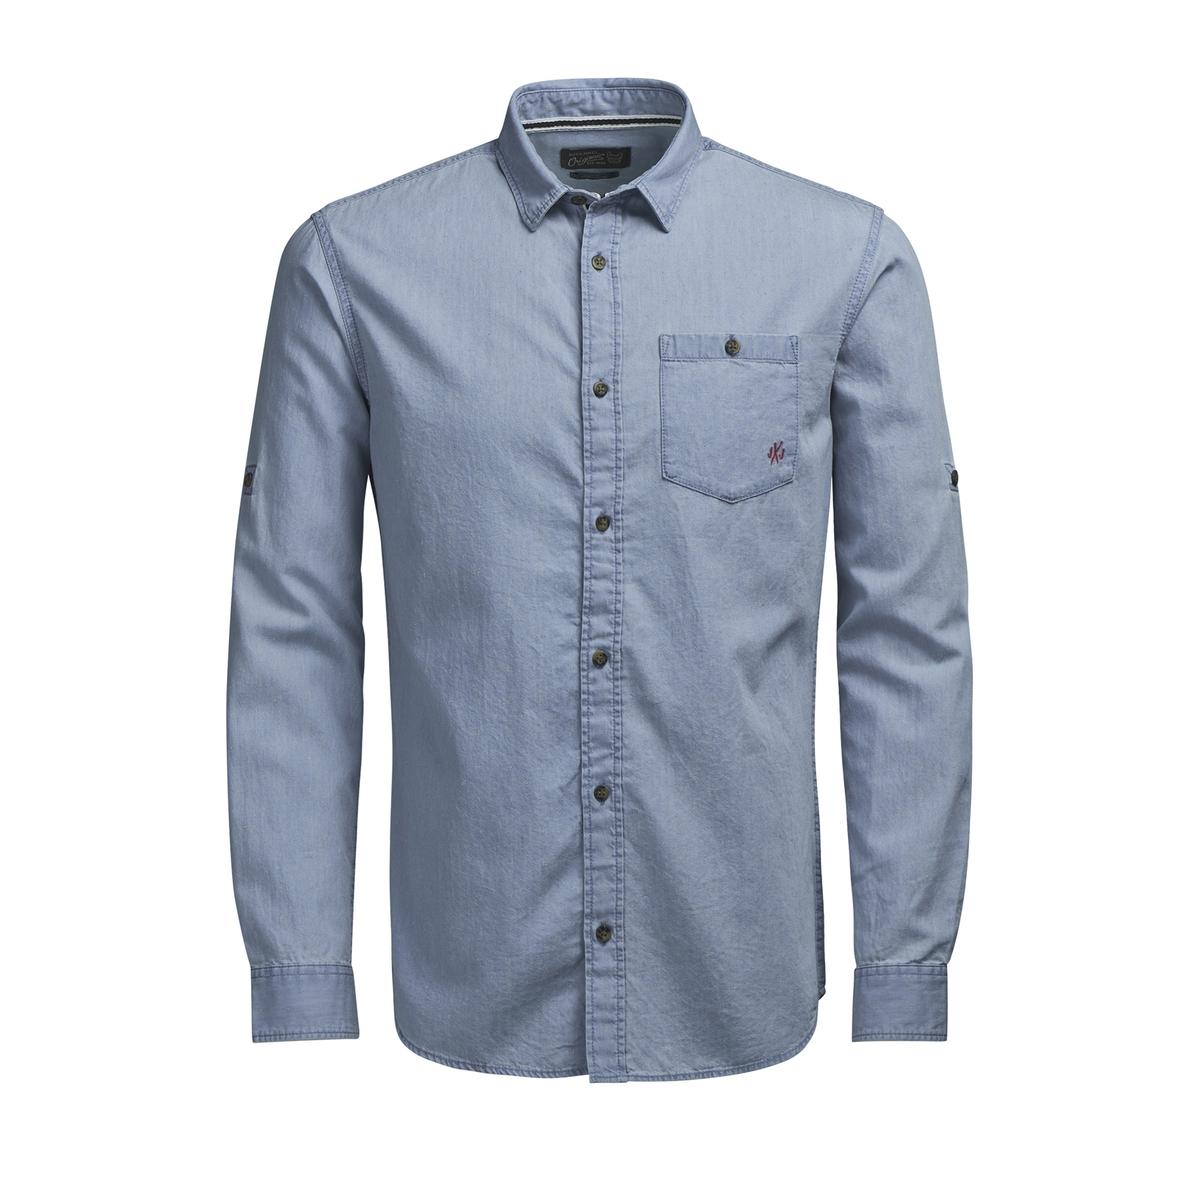 Рубашка с рисунком и длинными рукавамиДетали •  Длинные рукава •  Приталенный покрой   •  Классический воротник •  Рисунок-принтСостав и уход •  100% хлопок •  Следуйте советам по уходу, указанным на этикетке<br><br>Цвет: небесно-голубой<br>Размер: XL.S